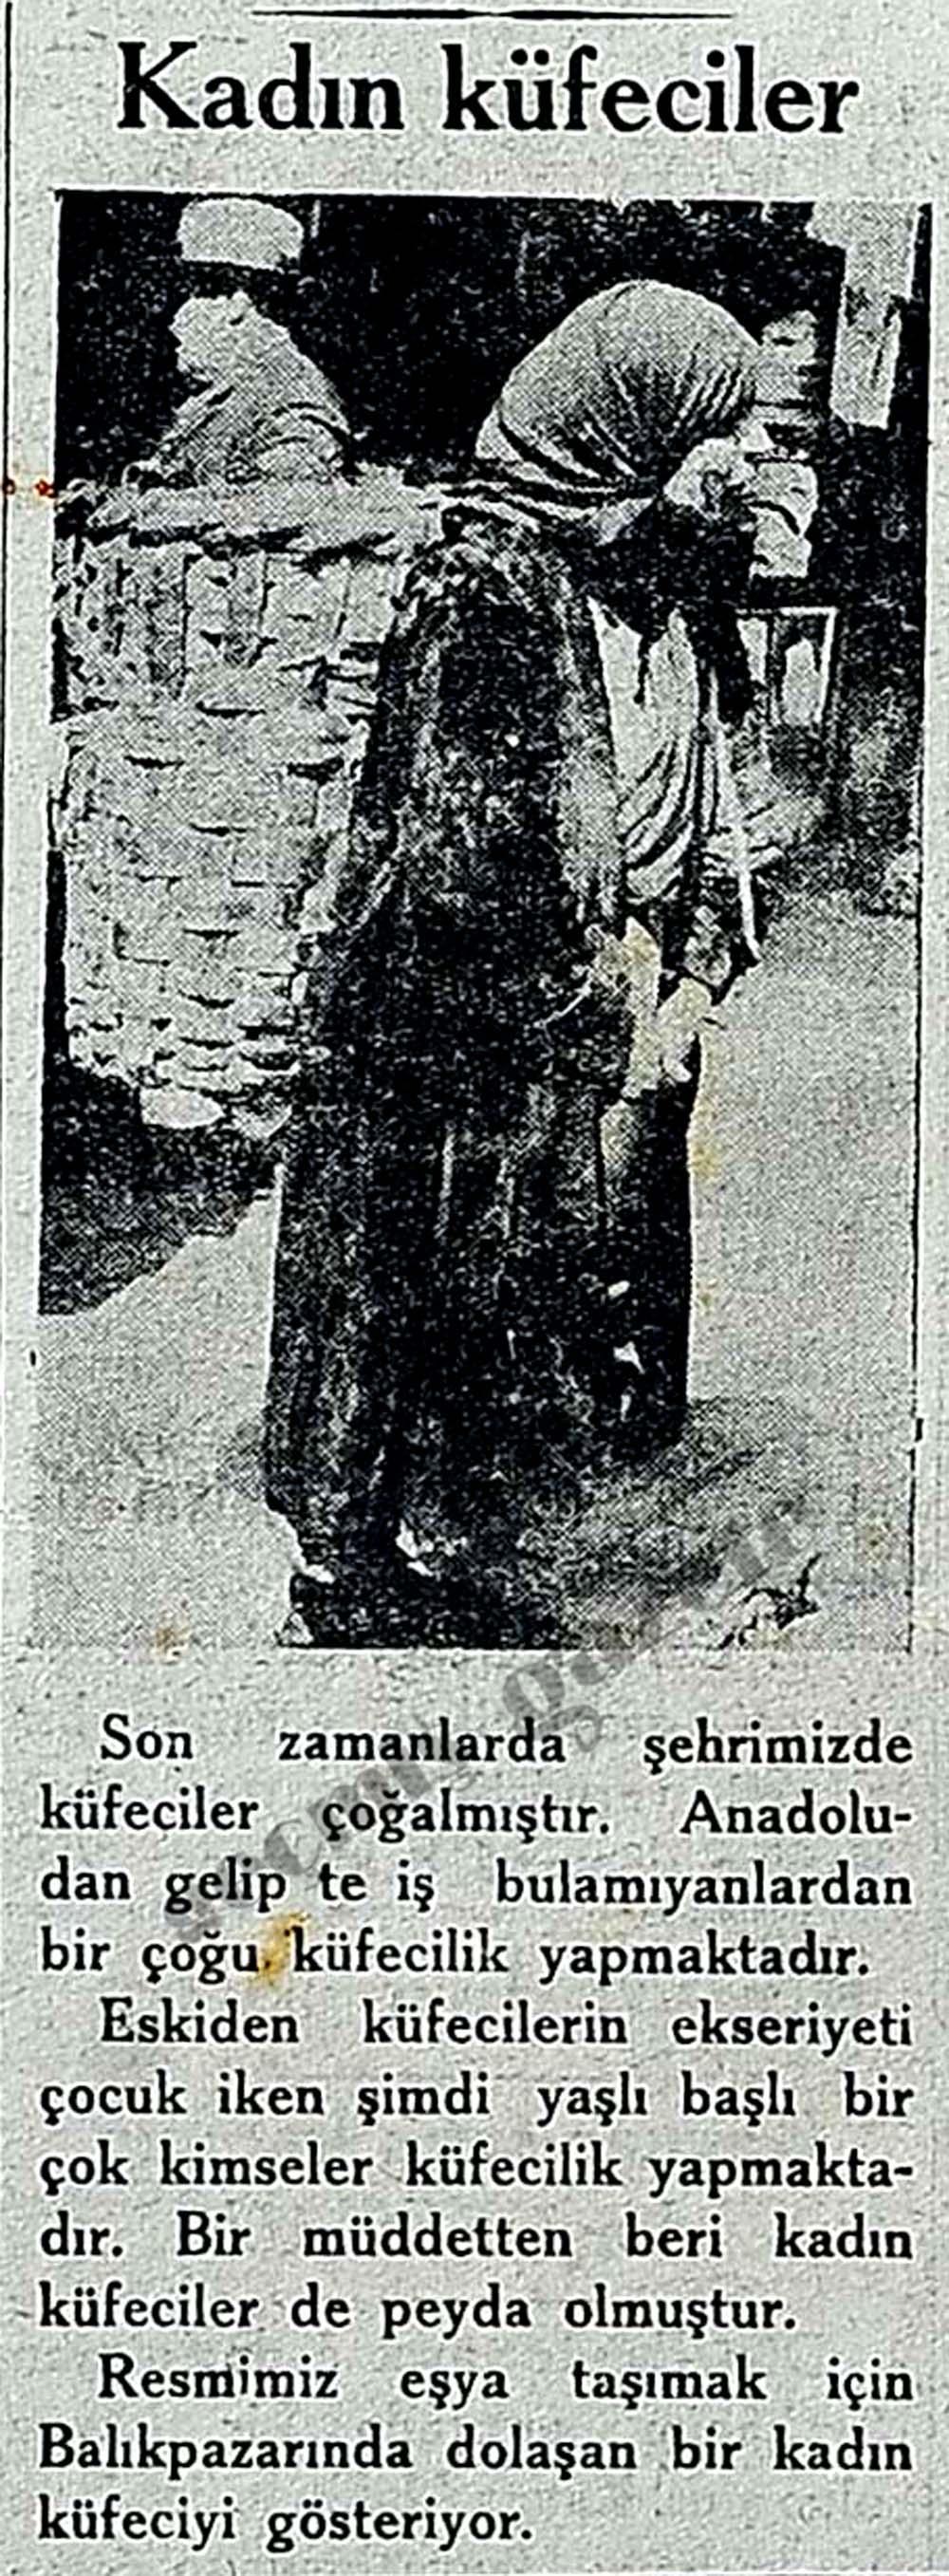 Kadın küfeciler